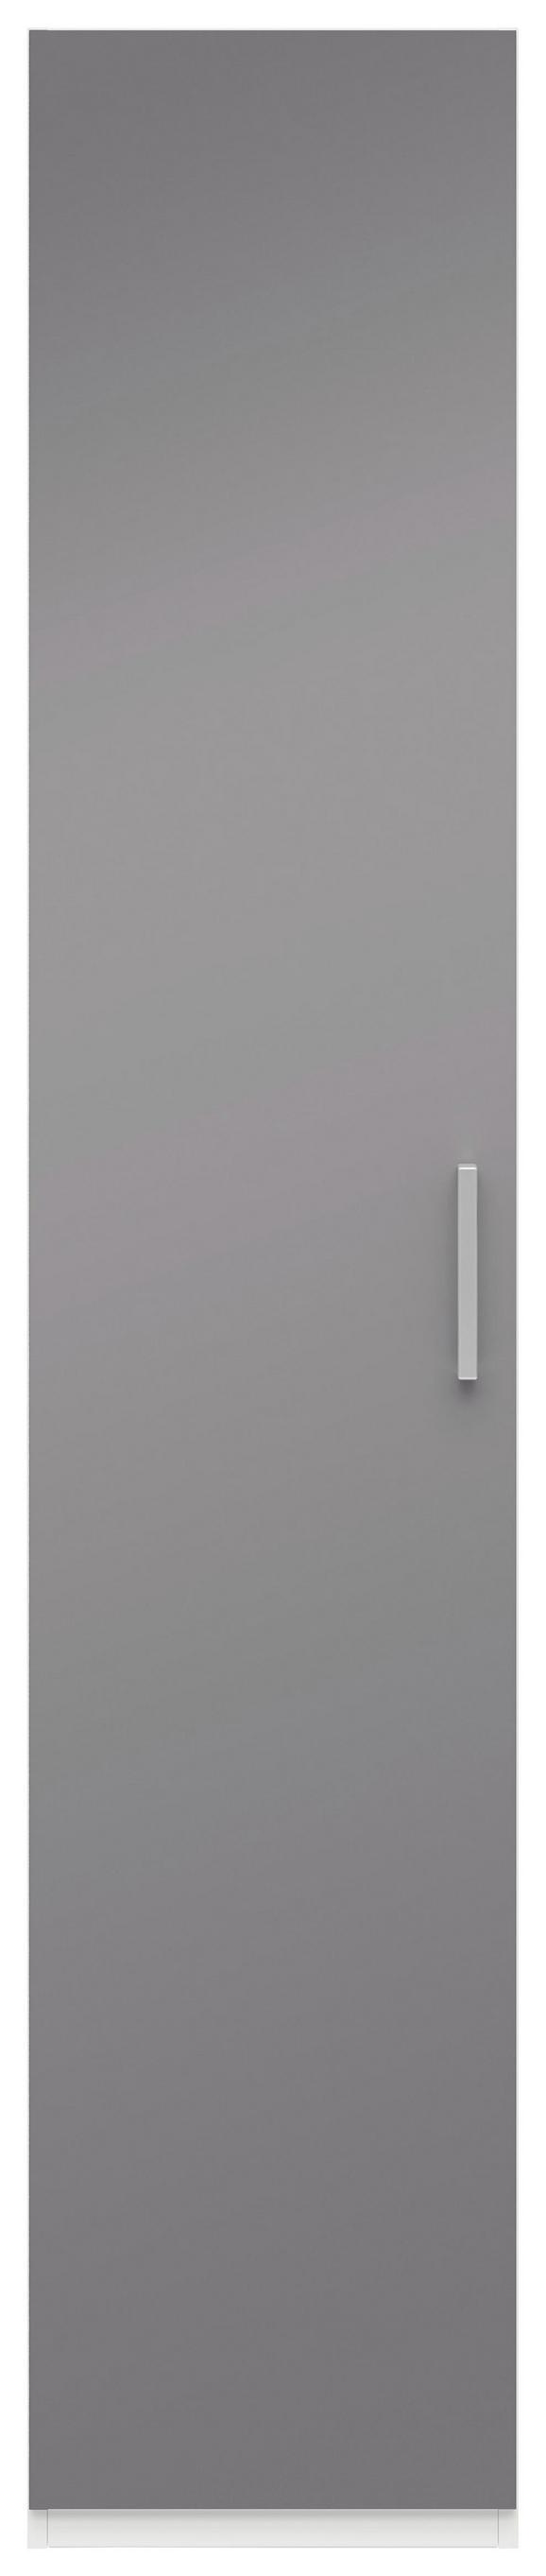 Drehtürenschrank Grau Hochglanz/Weiß - Edelstahlfarben/Weiß, MODERN, Holzwerkstoff/Metall (50/206/57cm) - Premium Living